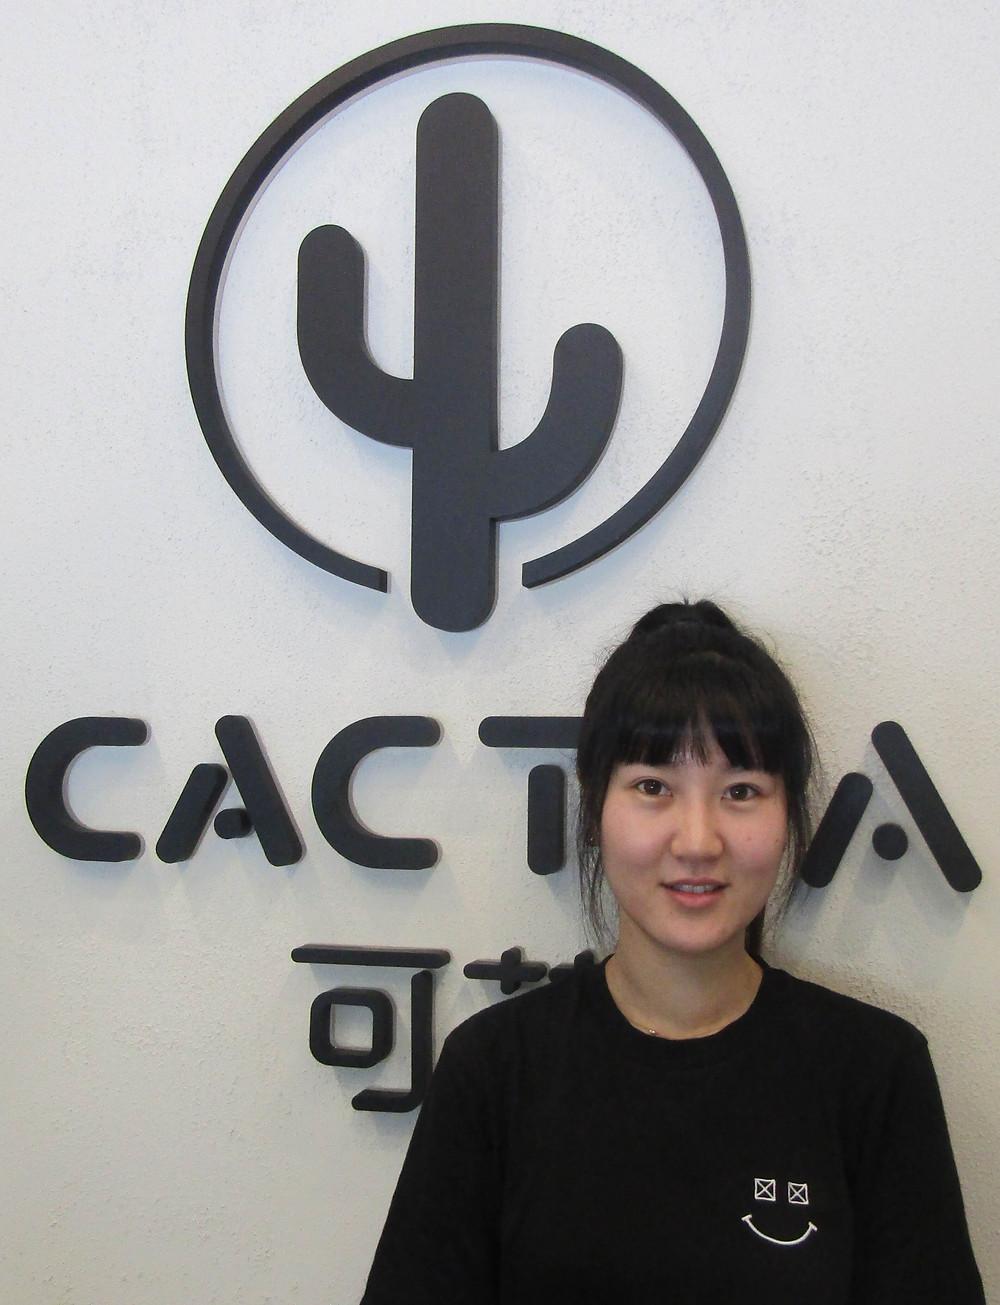 Cecilia from CacTea.